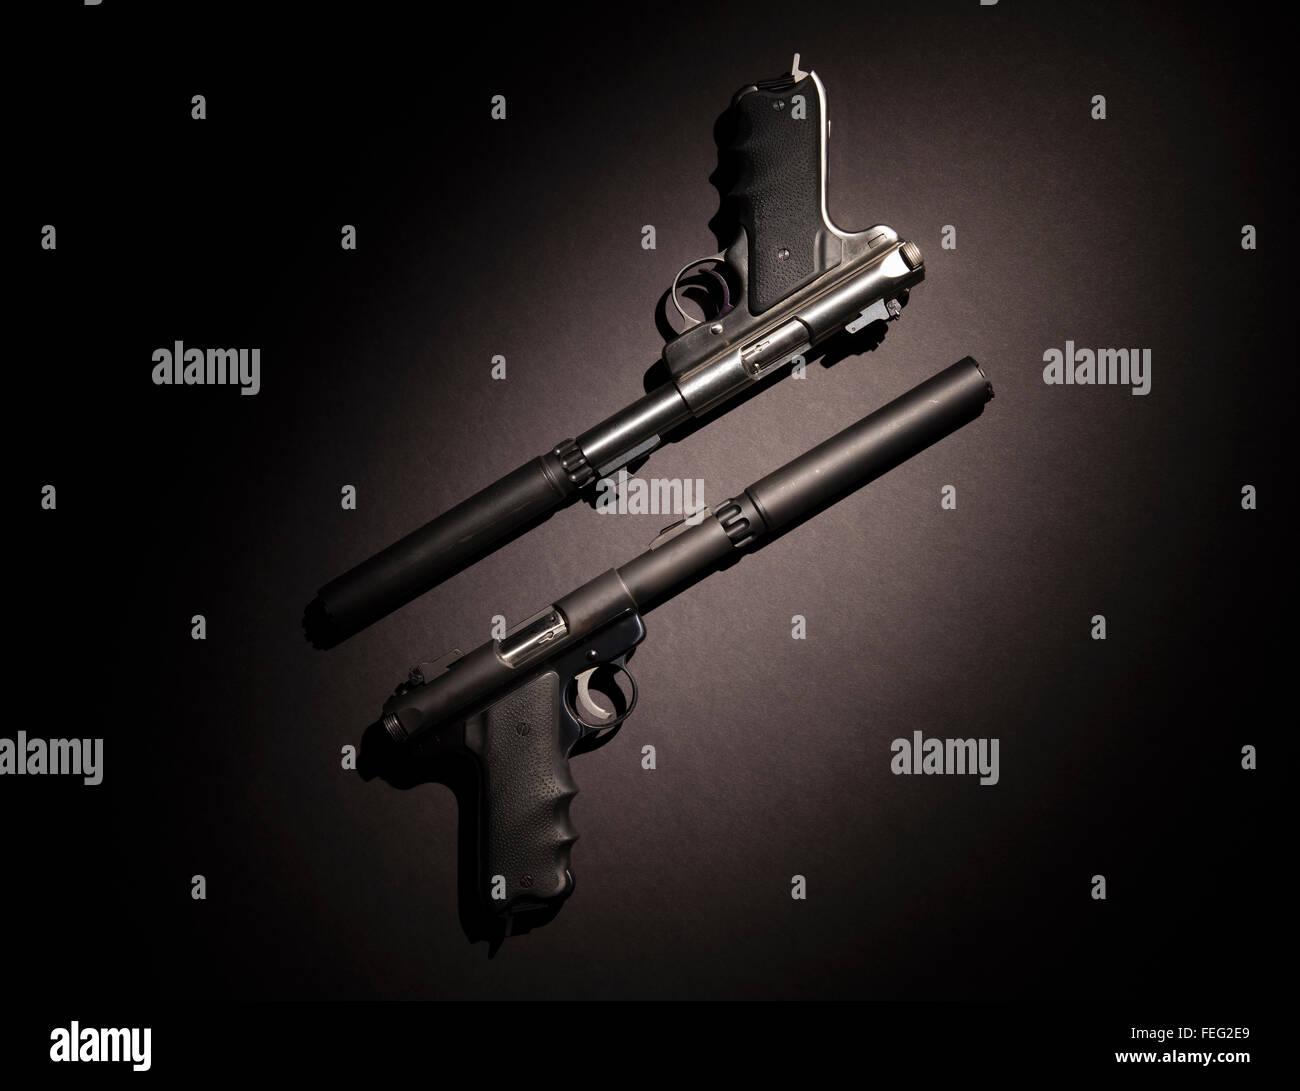 Zwei halbautomatische Pistolen mit Schalldämpfern auf schwarzem Hintergrund. Stockbild